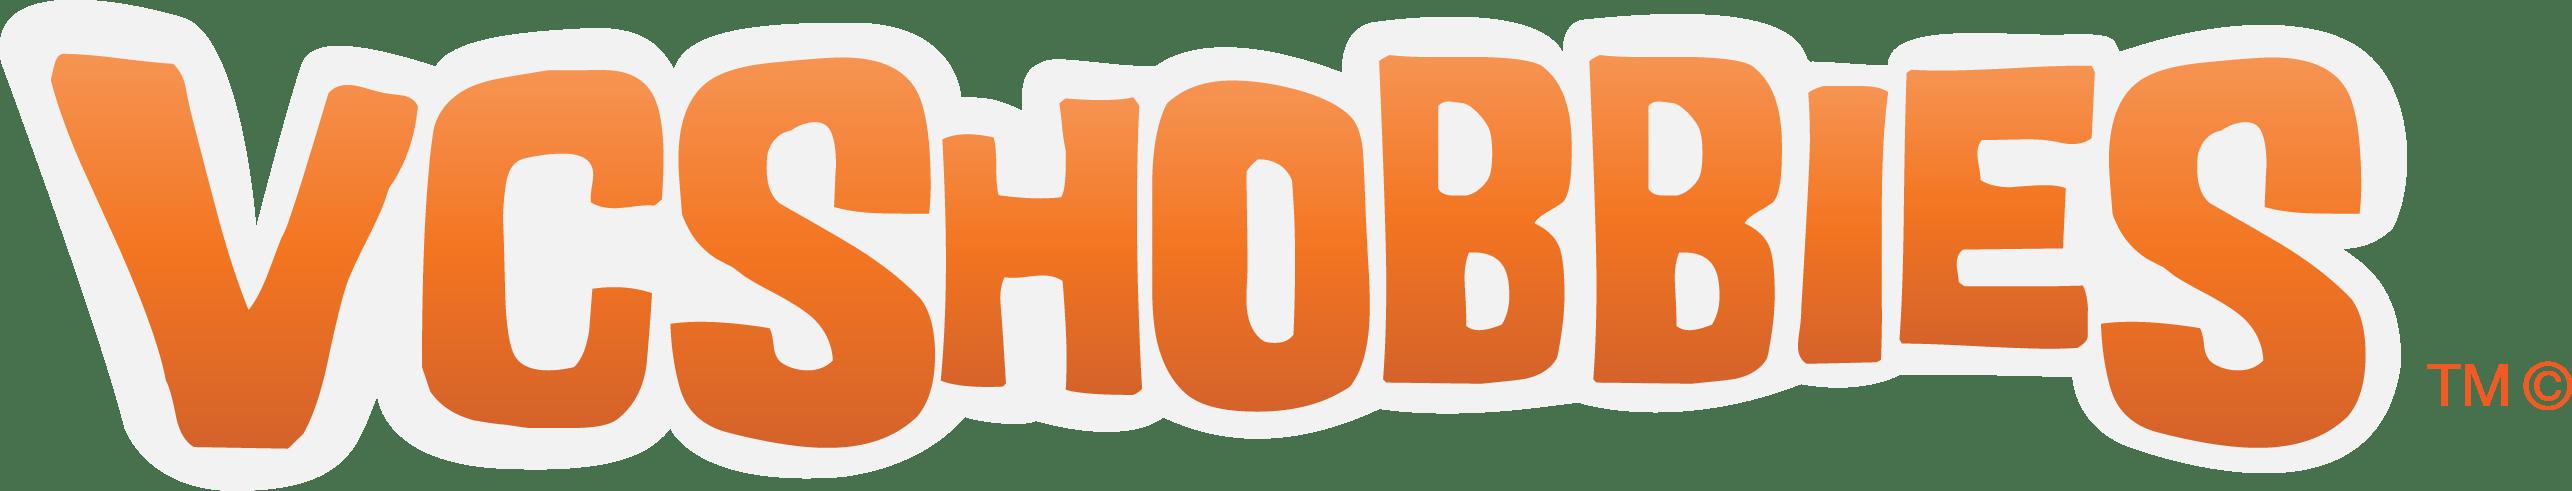 vcshobbies.com logo